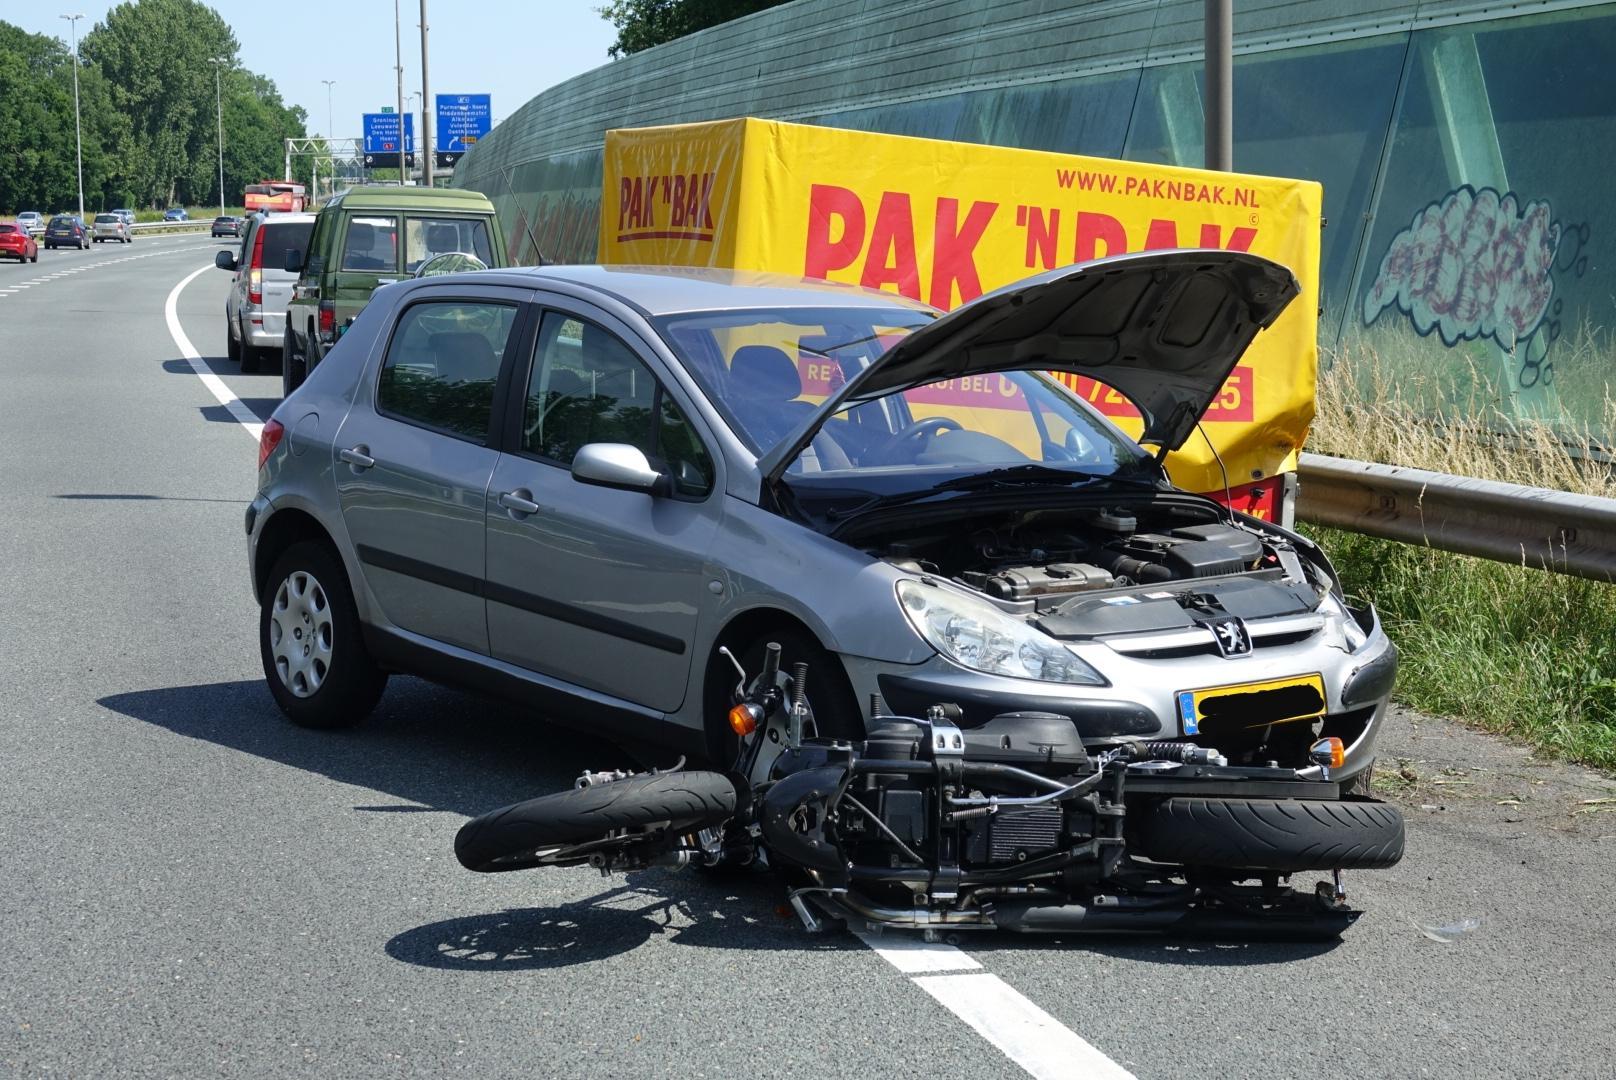 Motorrijder gewond bij ongeval met meerdere voertuigen op A7 bij Zuidoostbeemster